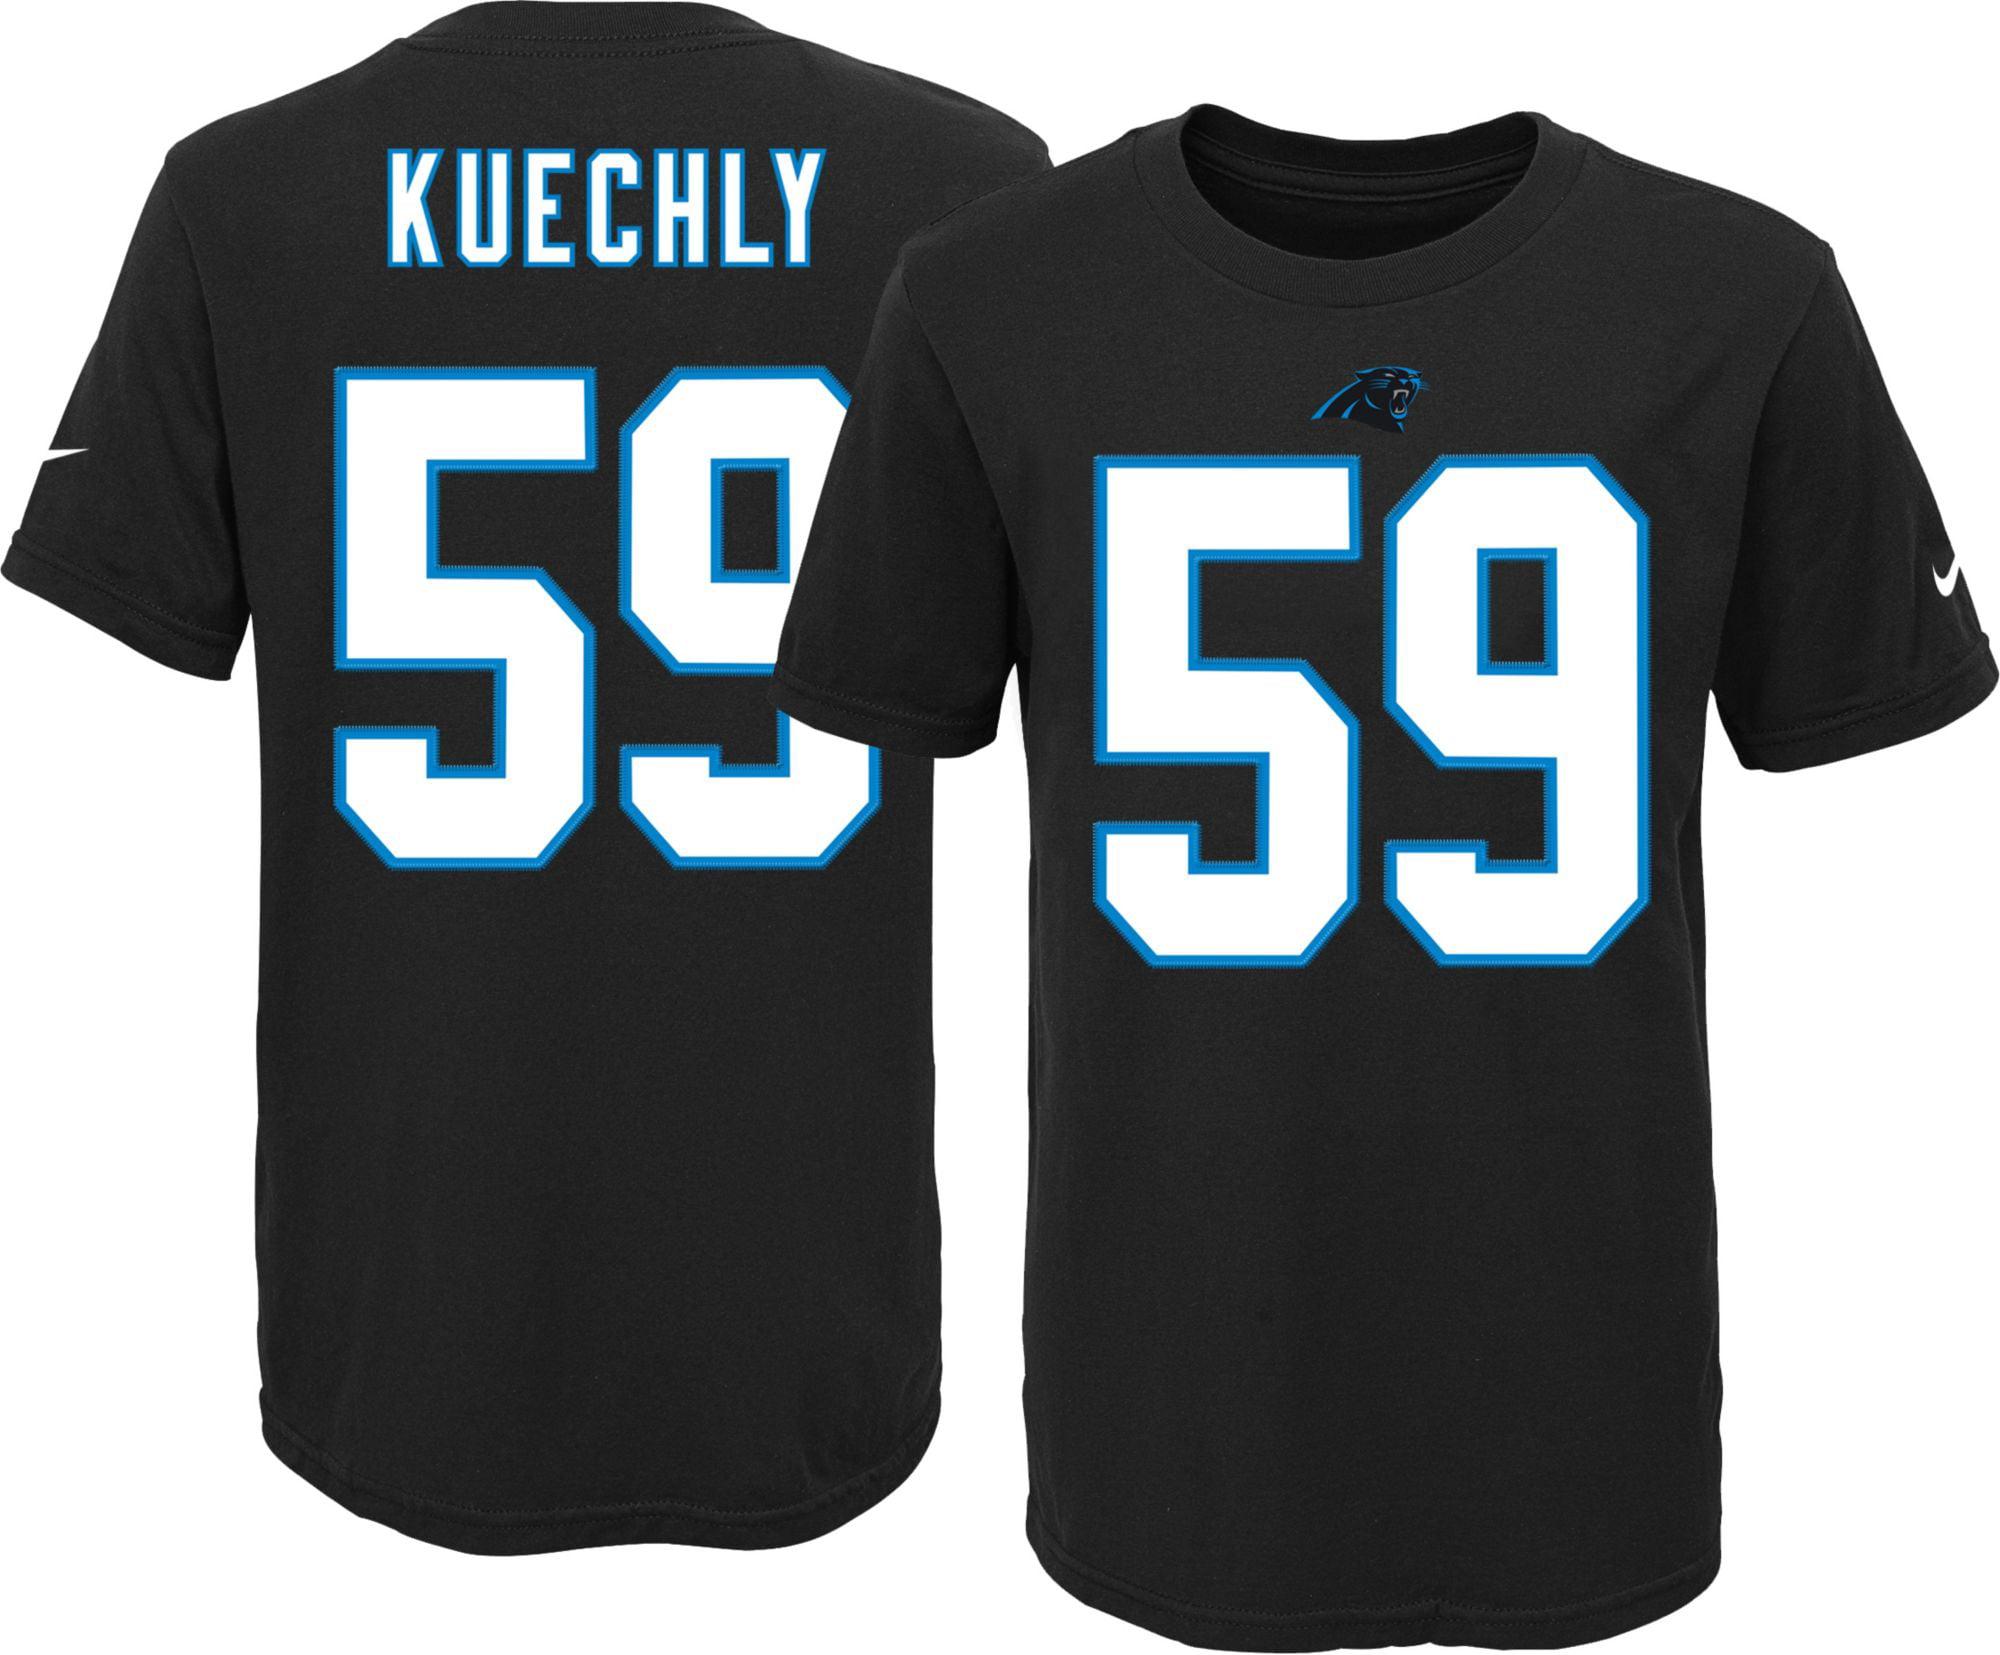 Nike Youth Carolina Panthers Luke Kuechly  59 Black T-Shirt - Walmart.com 89cc694a0